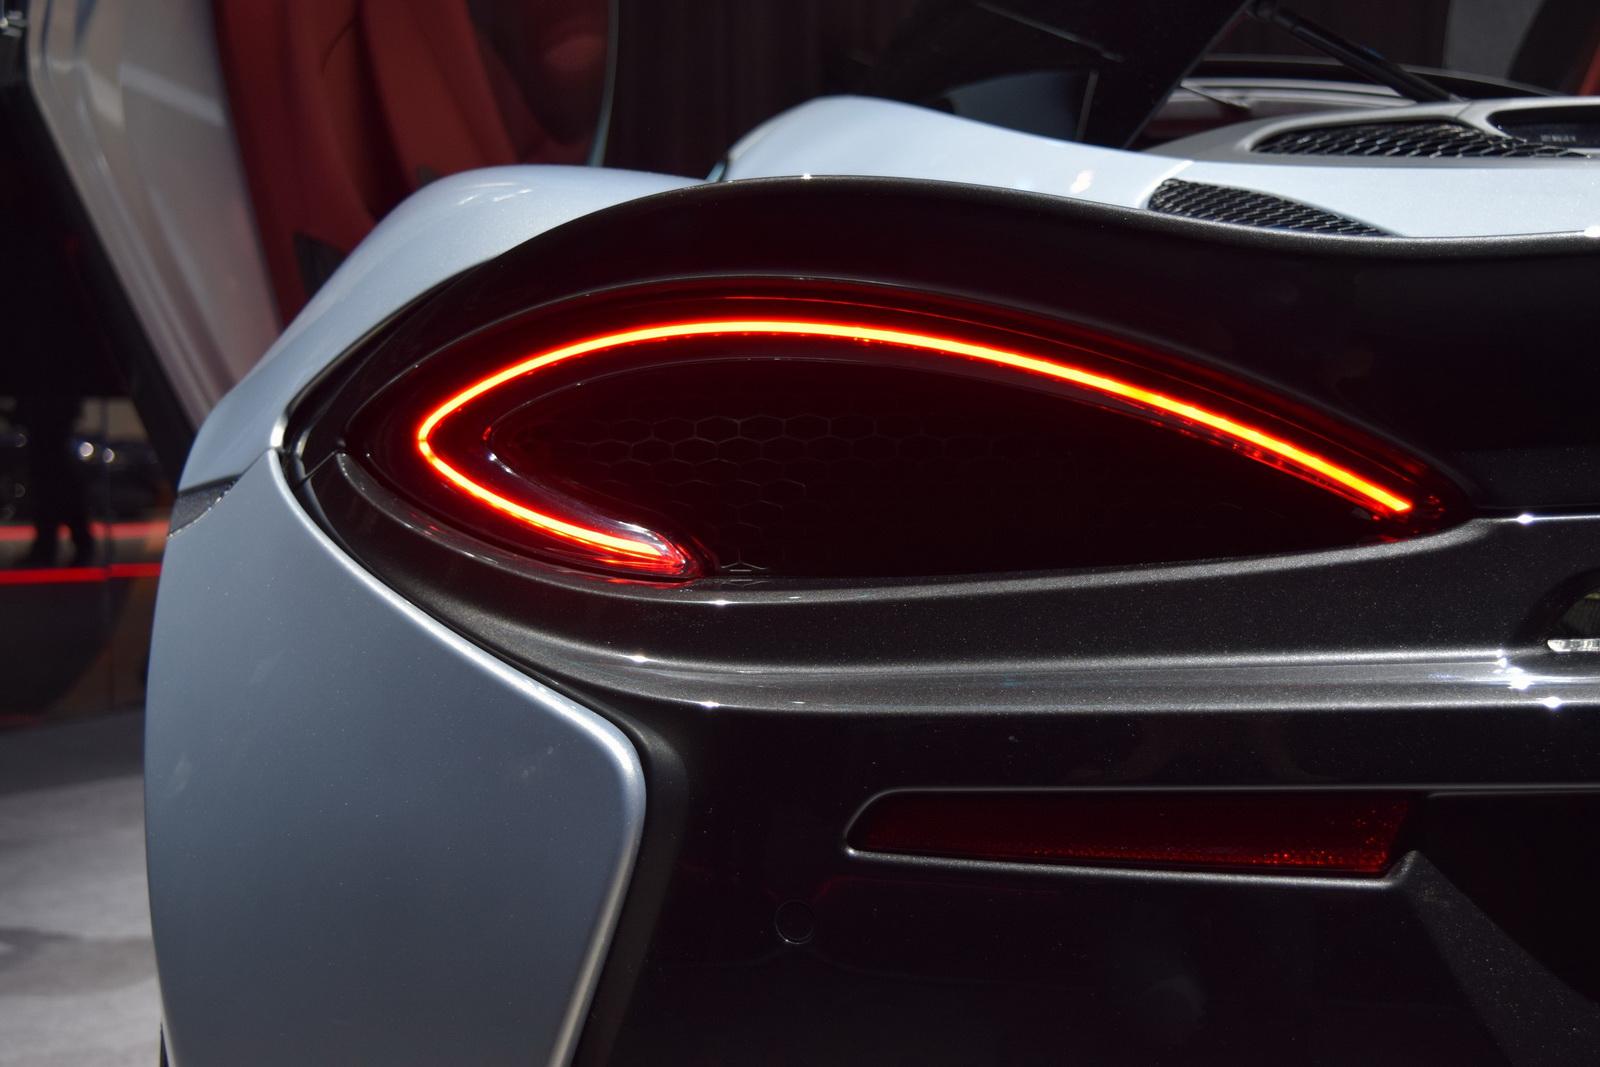 Siêu xe McLaren 570GT 2017 - Cá mập trắng của biển sâu